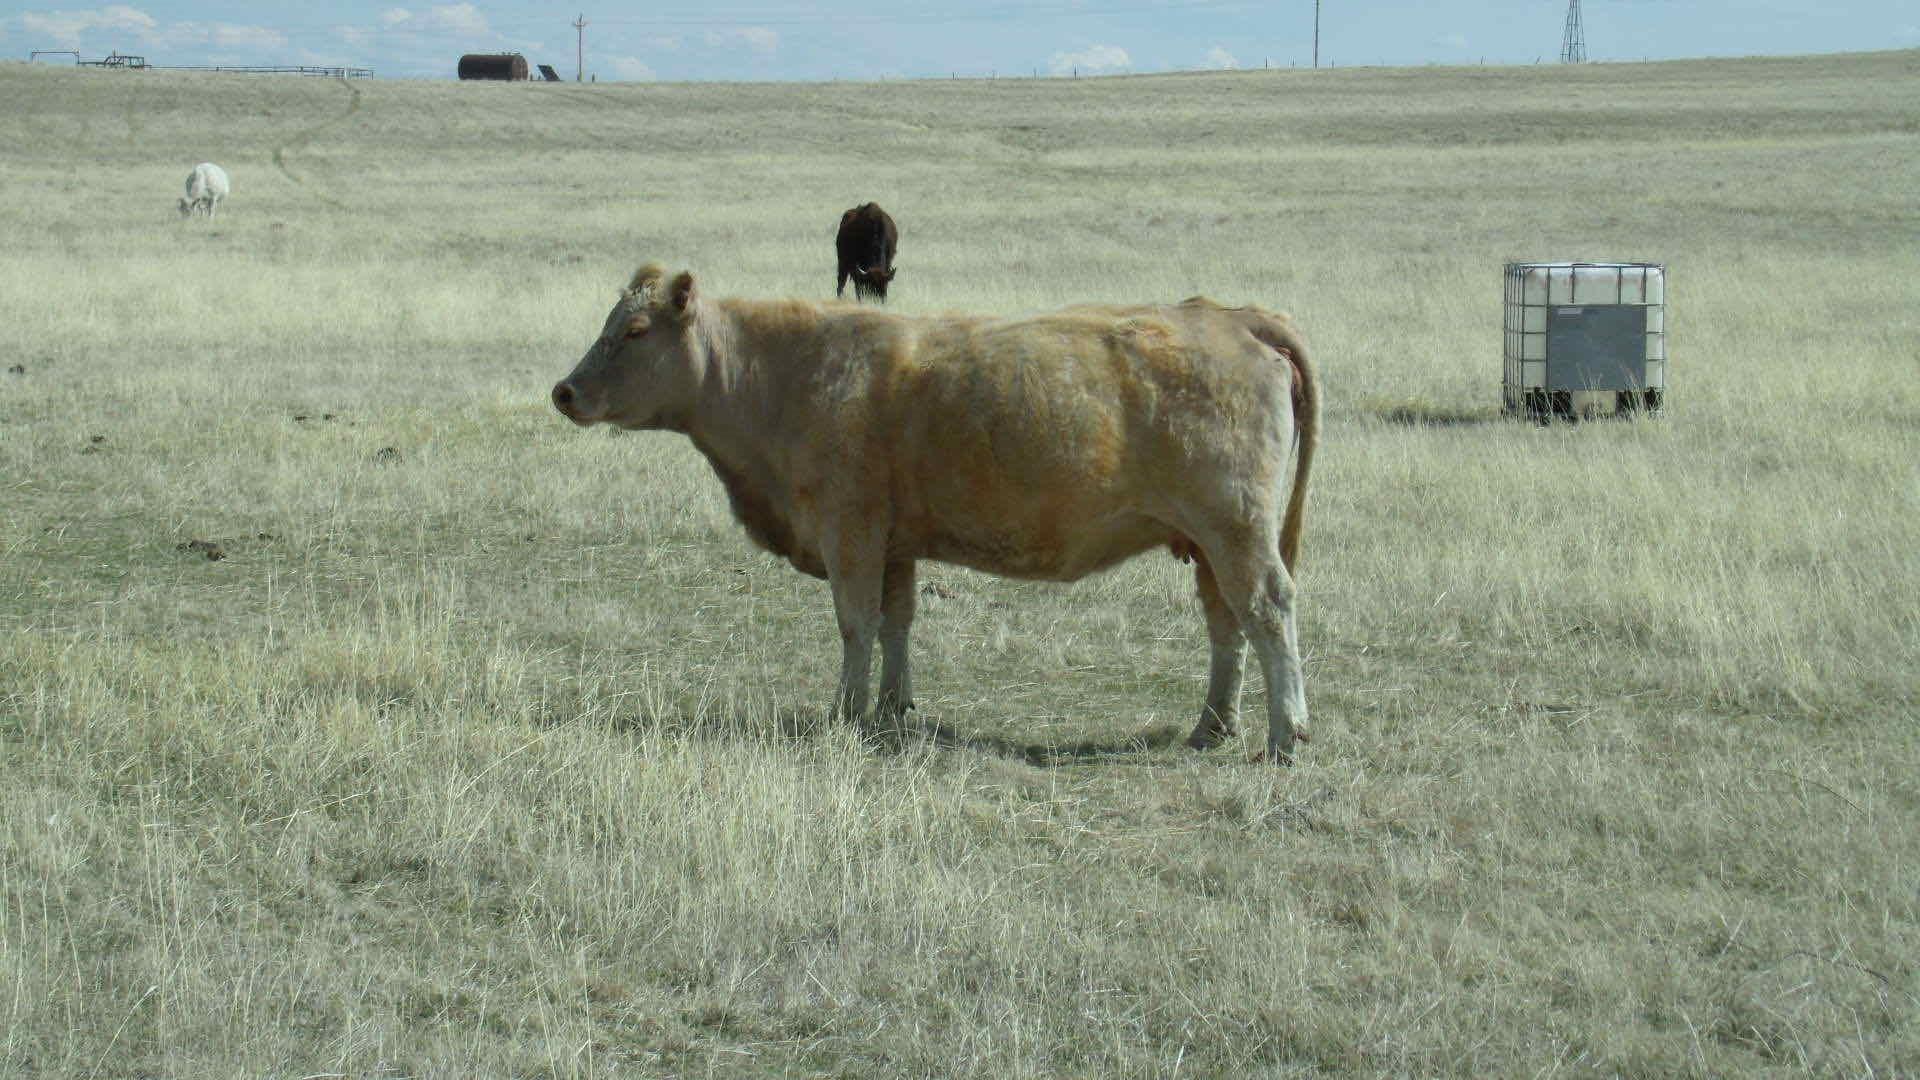 Paul Butler's farming photo